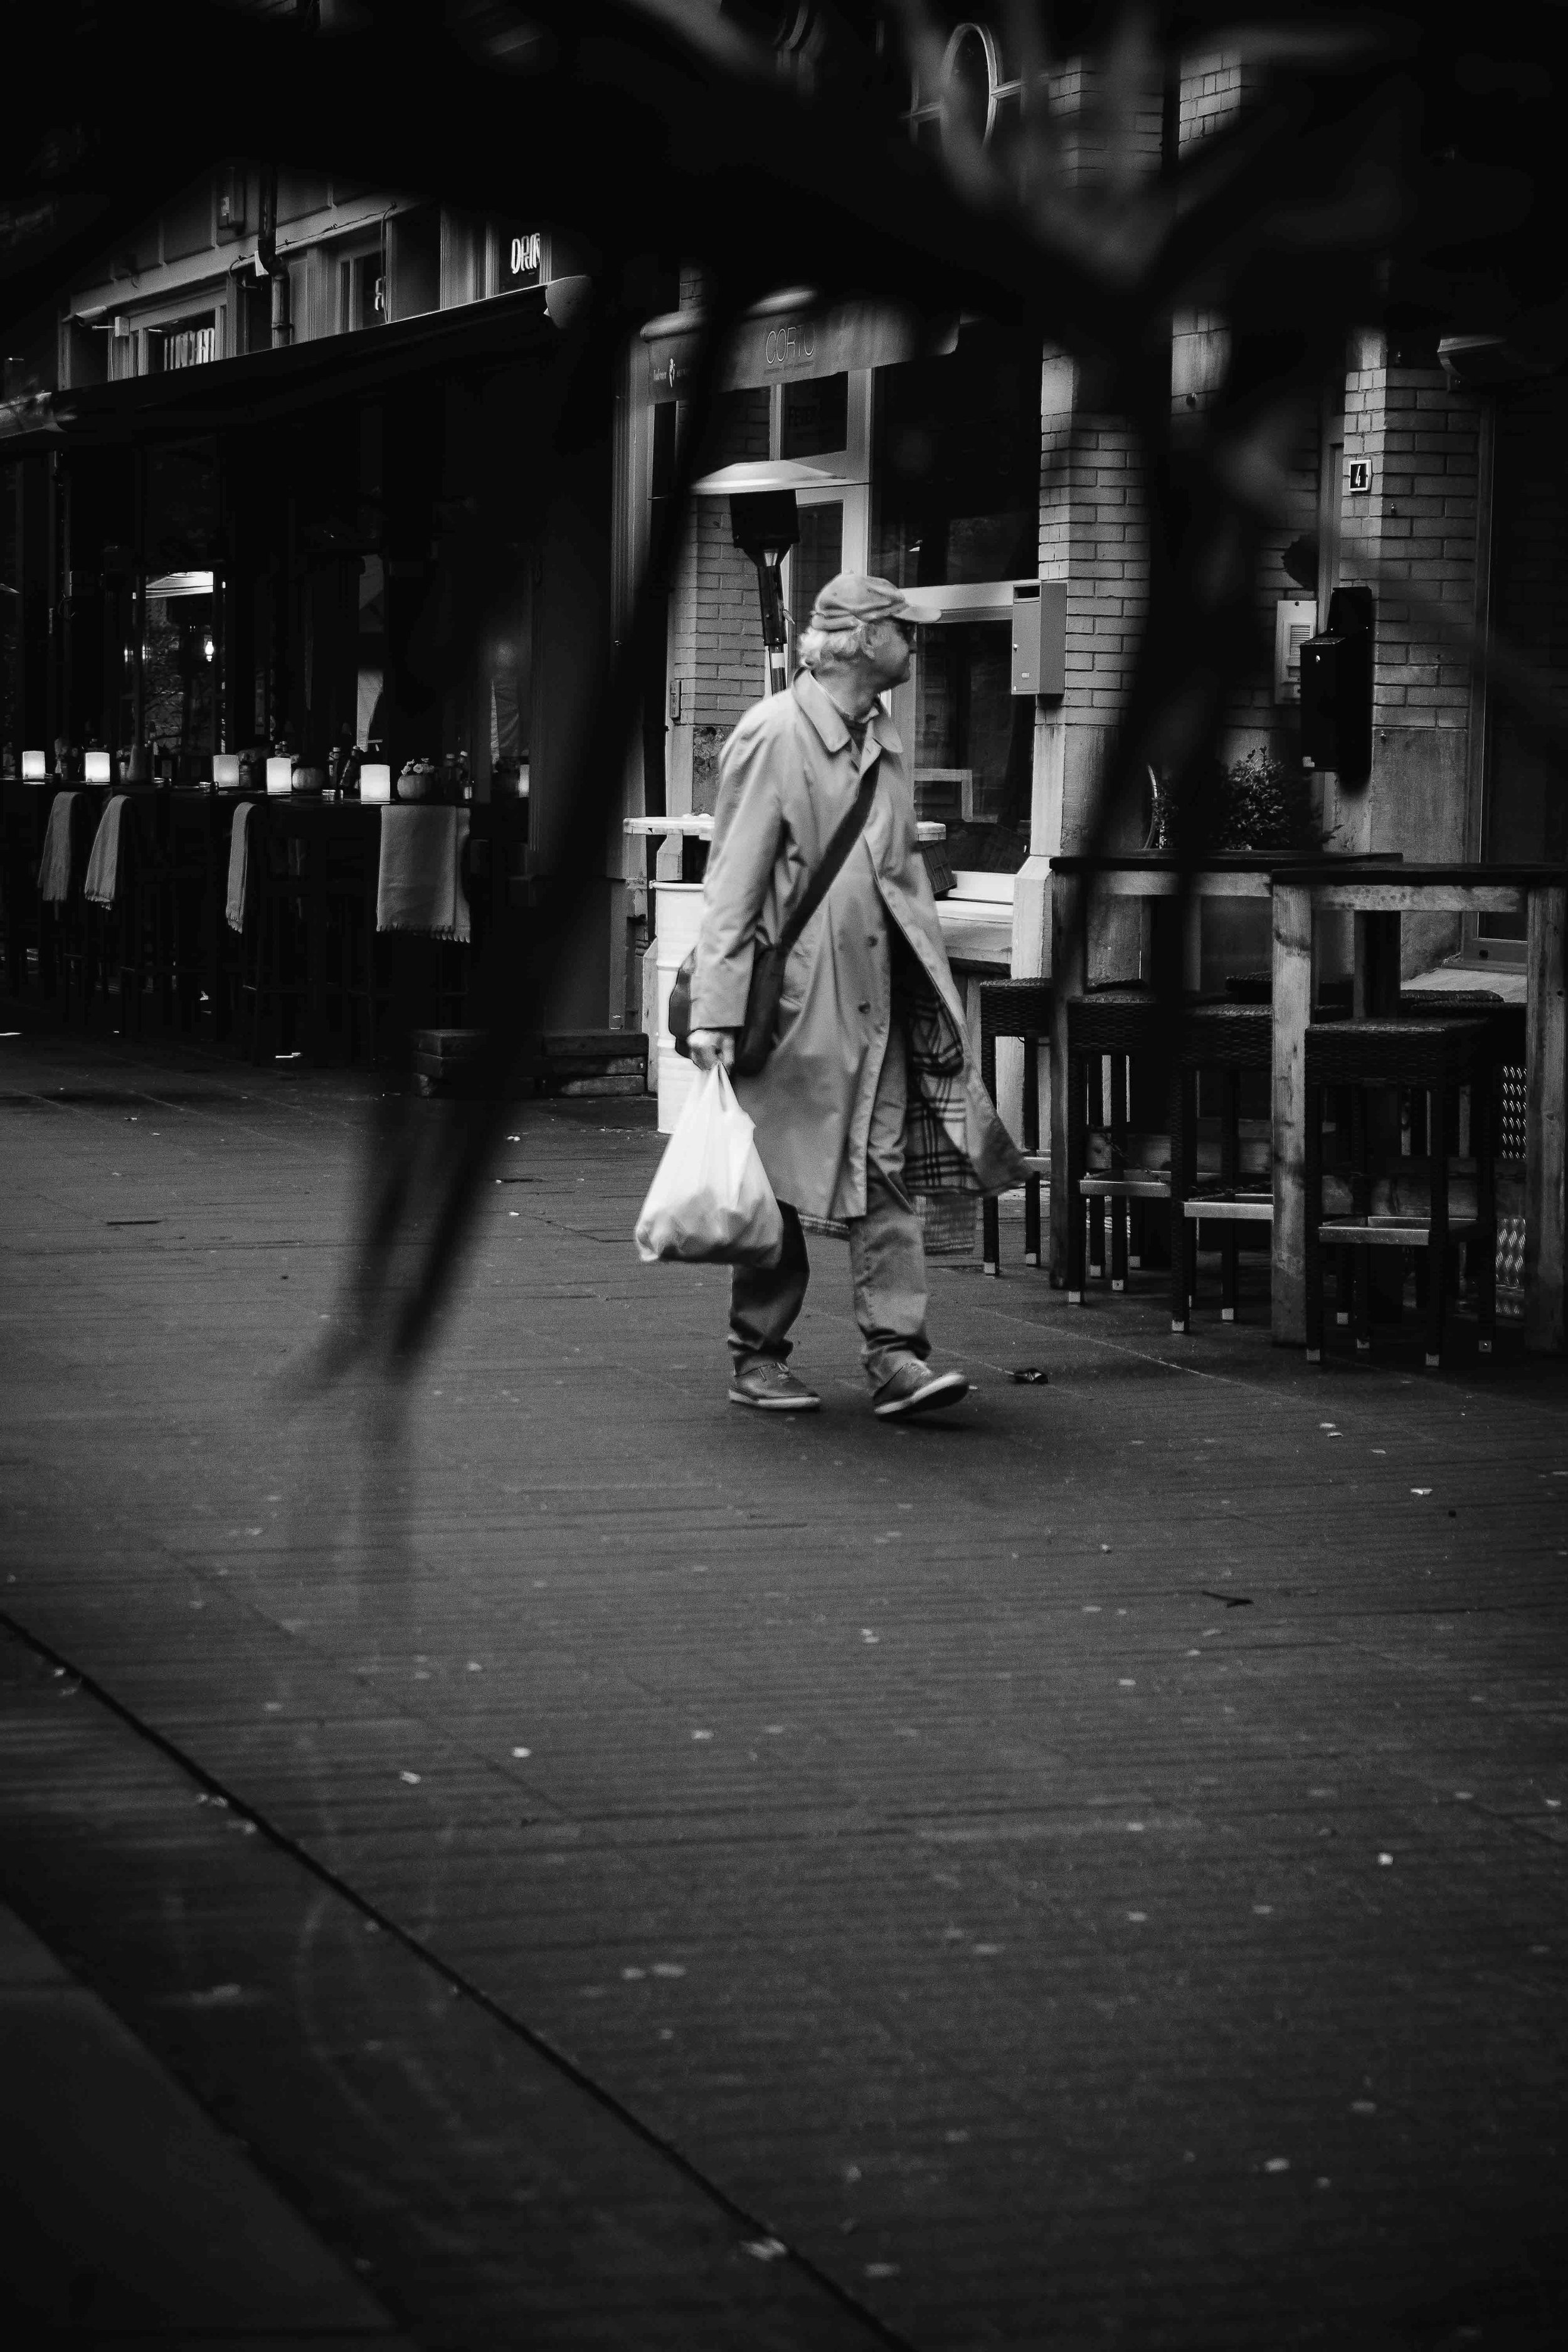 viewfinder-straatfotografie-antwerpen-gezichten-humor-2